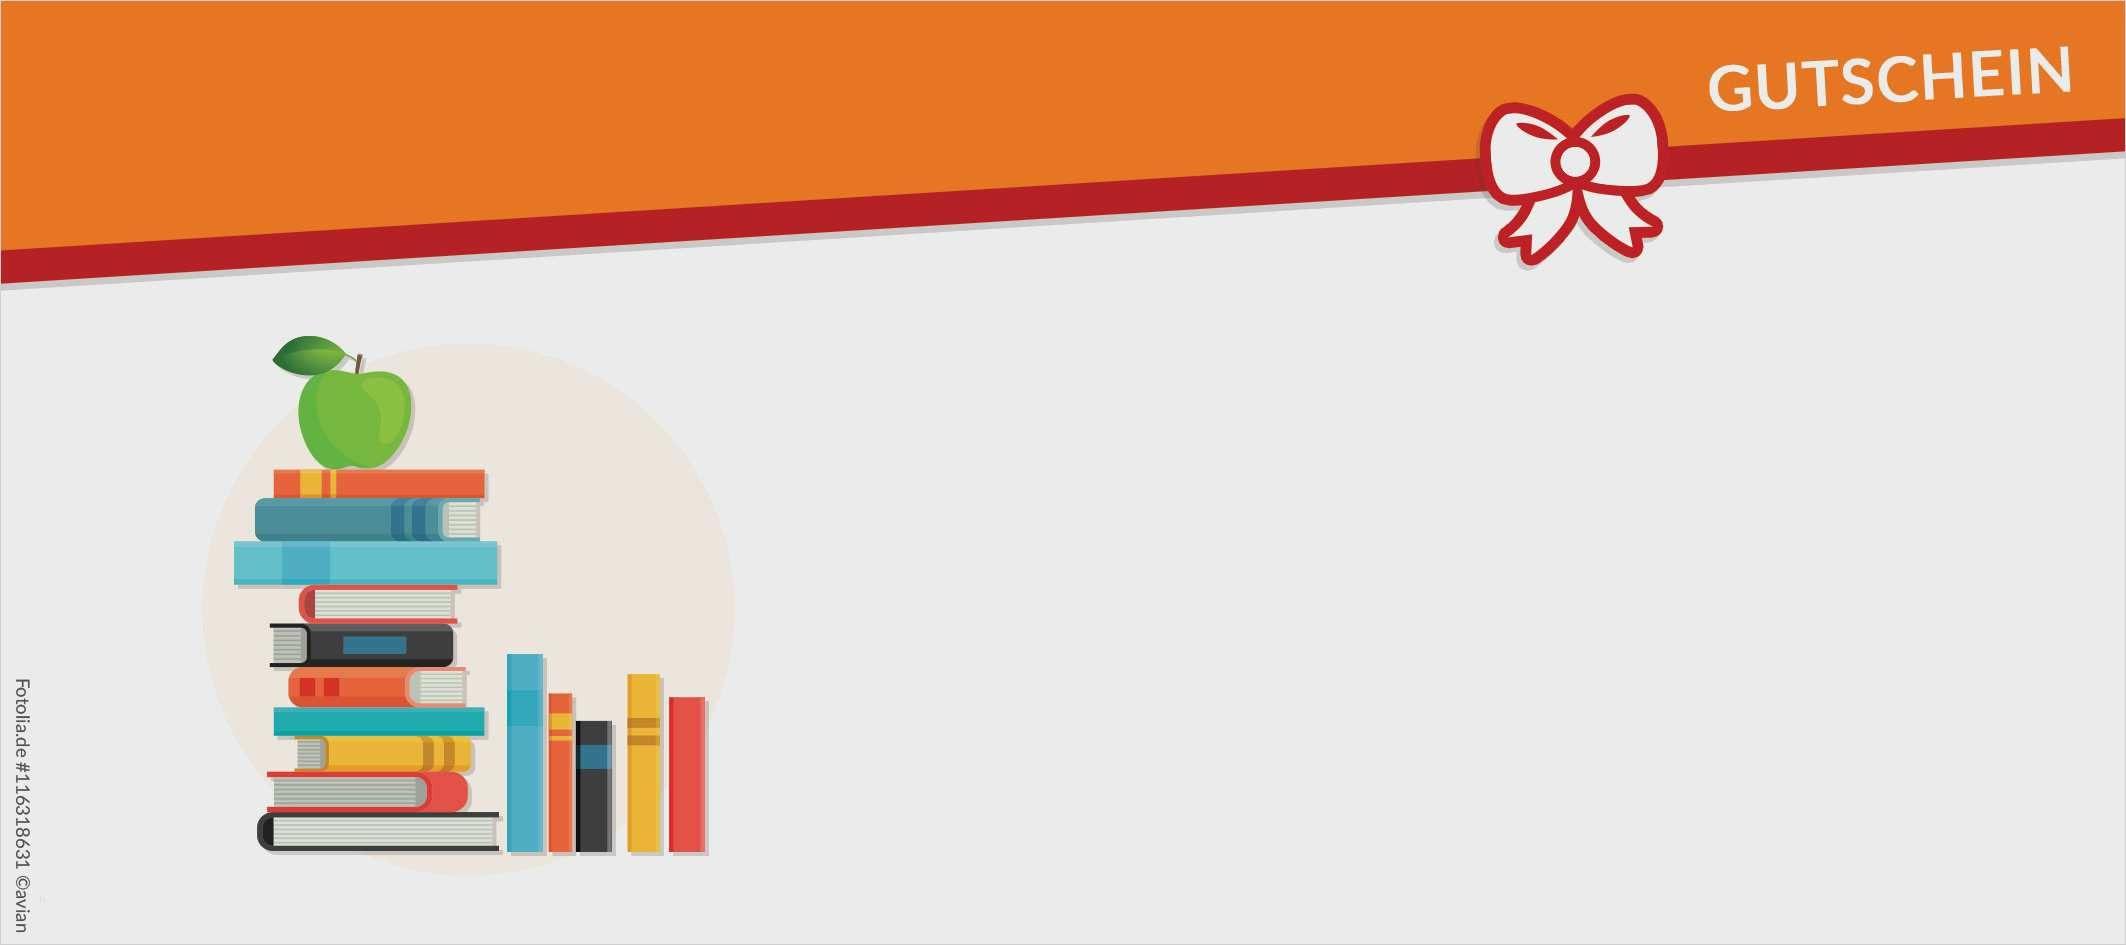 35 Beste Gutschein Vorlage A4 Solche Konnen Adaptieren In Ms Word In 2020 Gutschein Vorlage Gutscheine Businessplan Vorlage